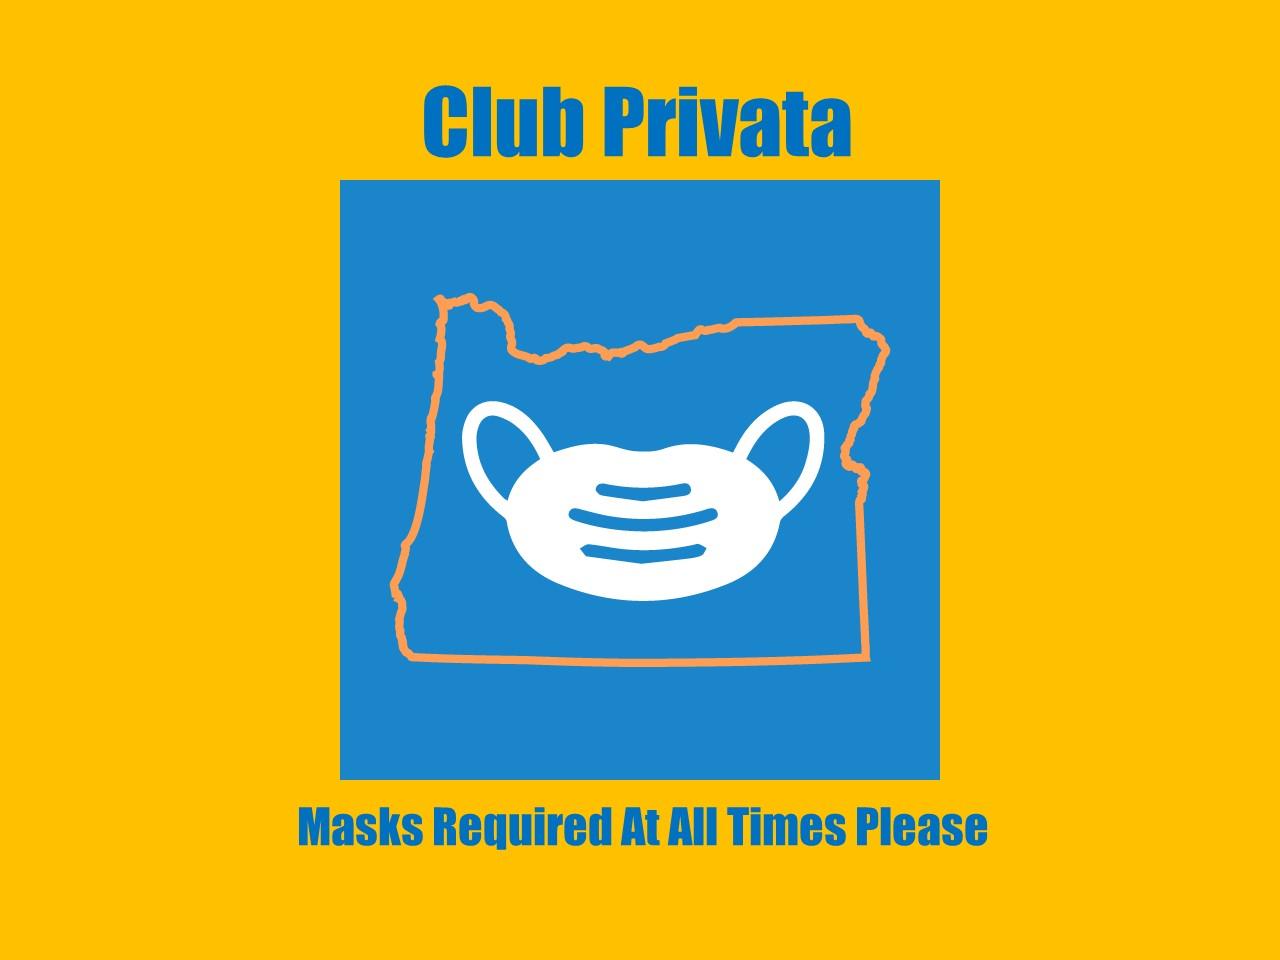 Masks are mandatory at Club Privata